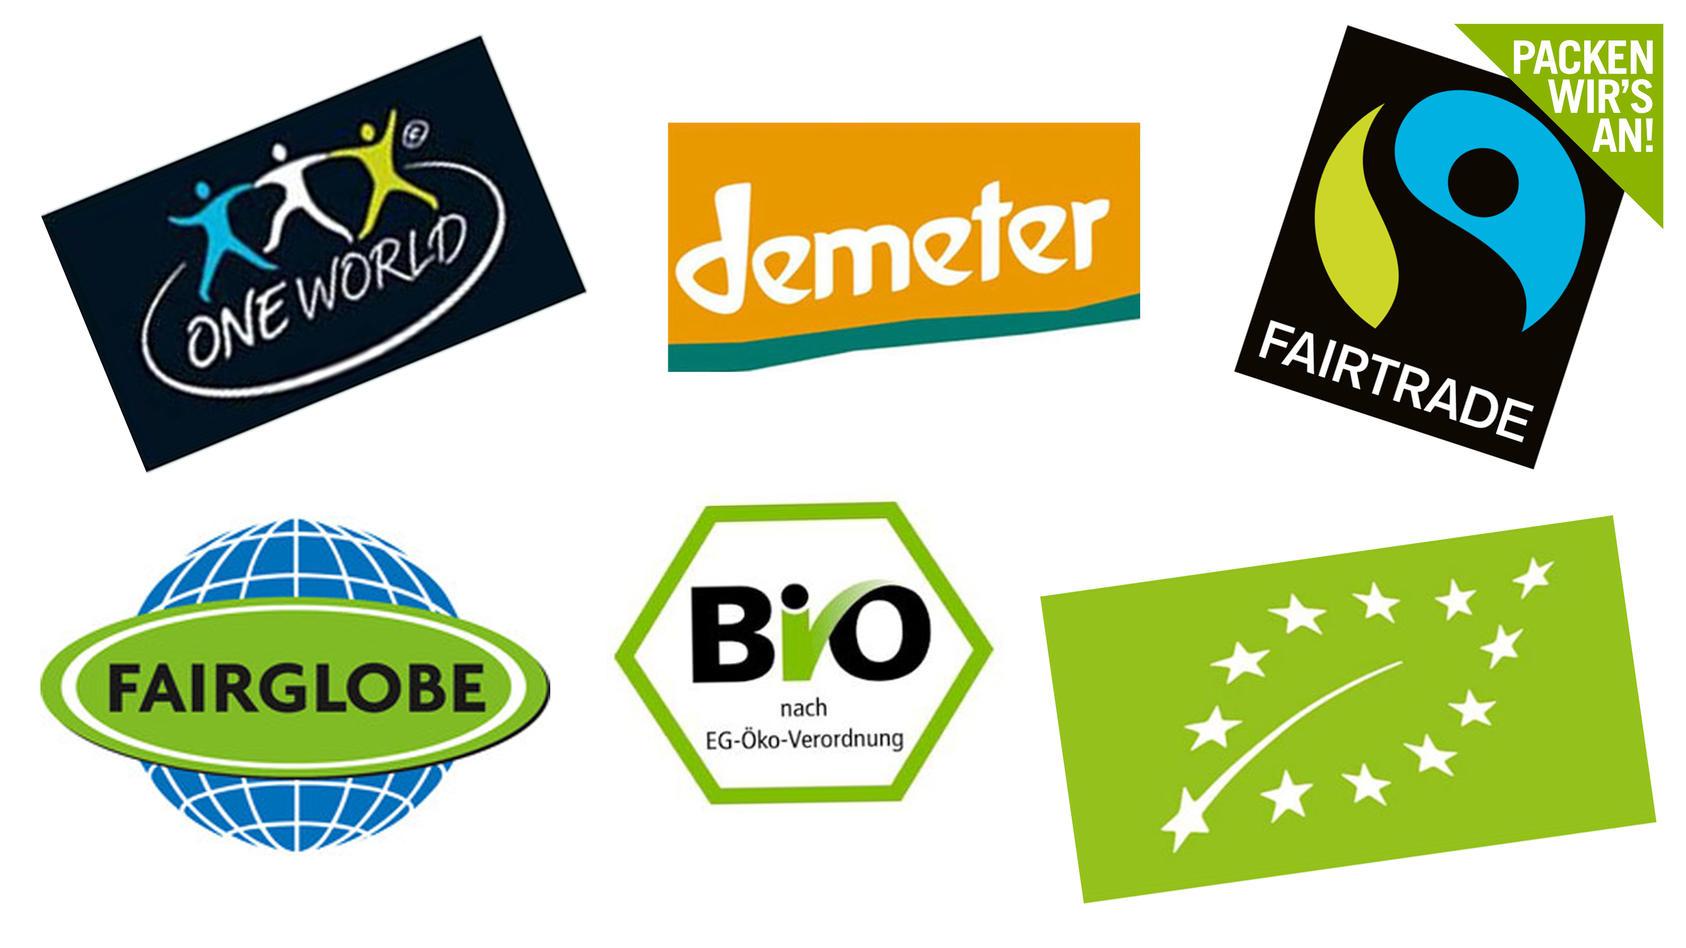 Bio hier, Fairtrade da - auf Lebensmittelverpackungen geht es bunt her.